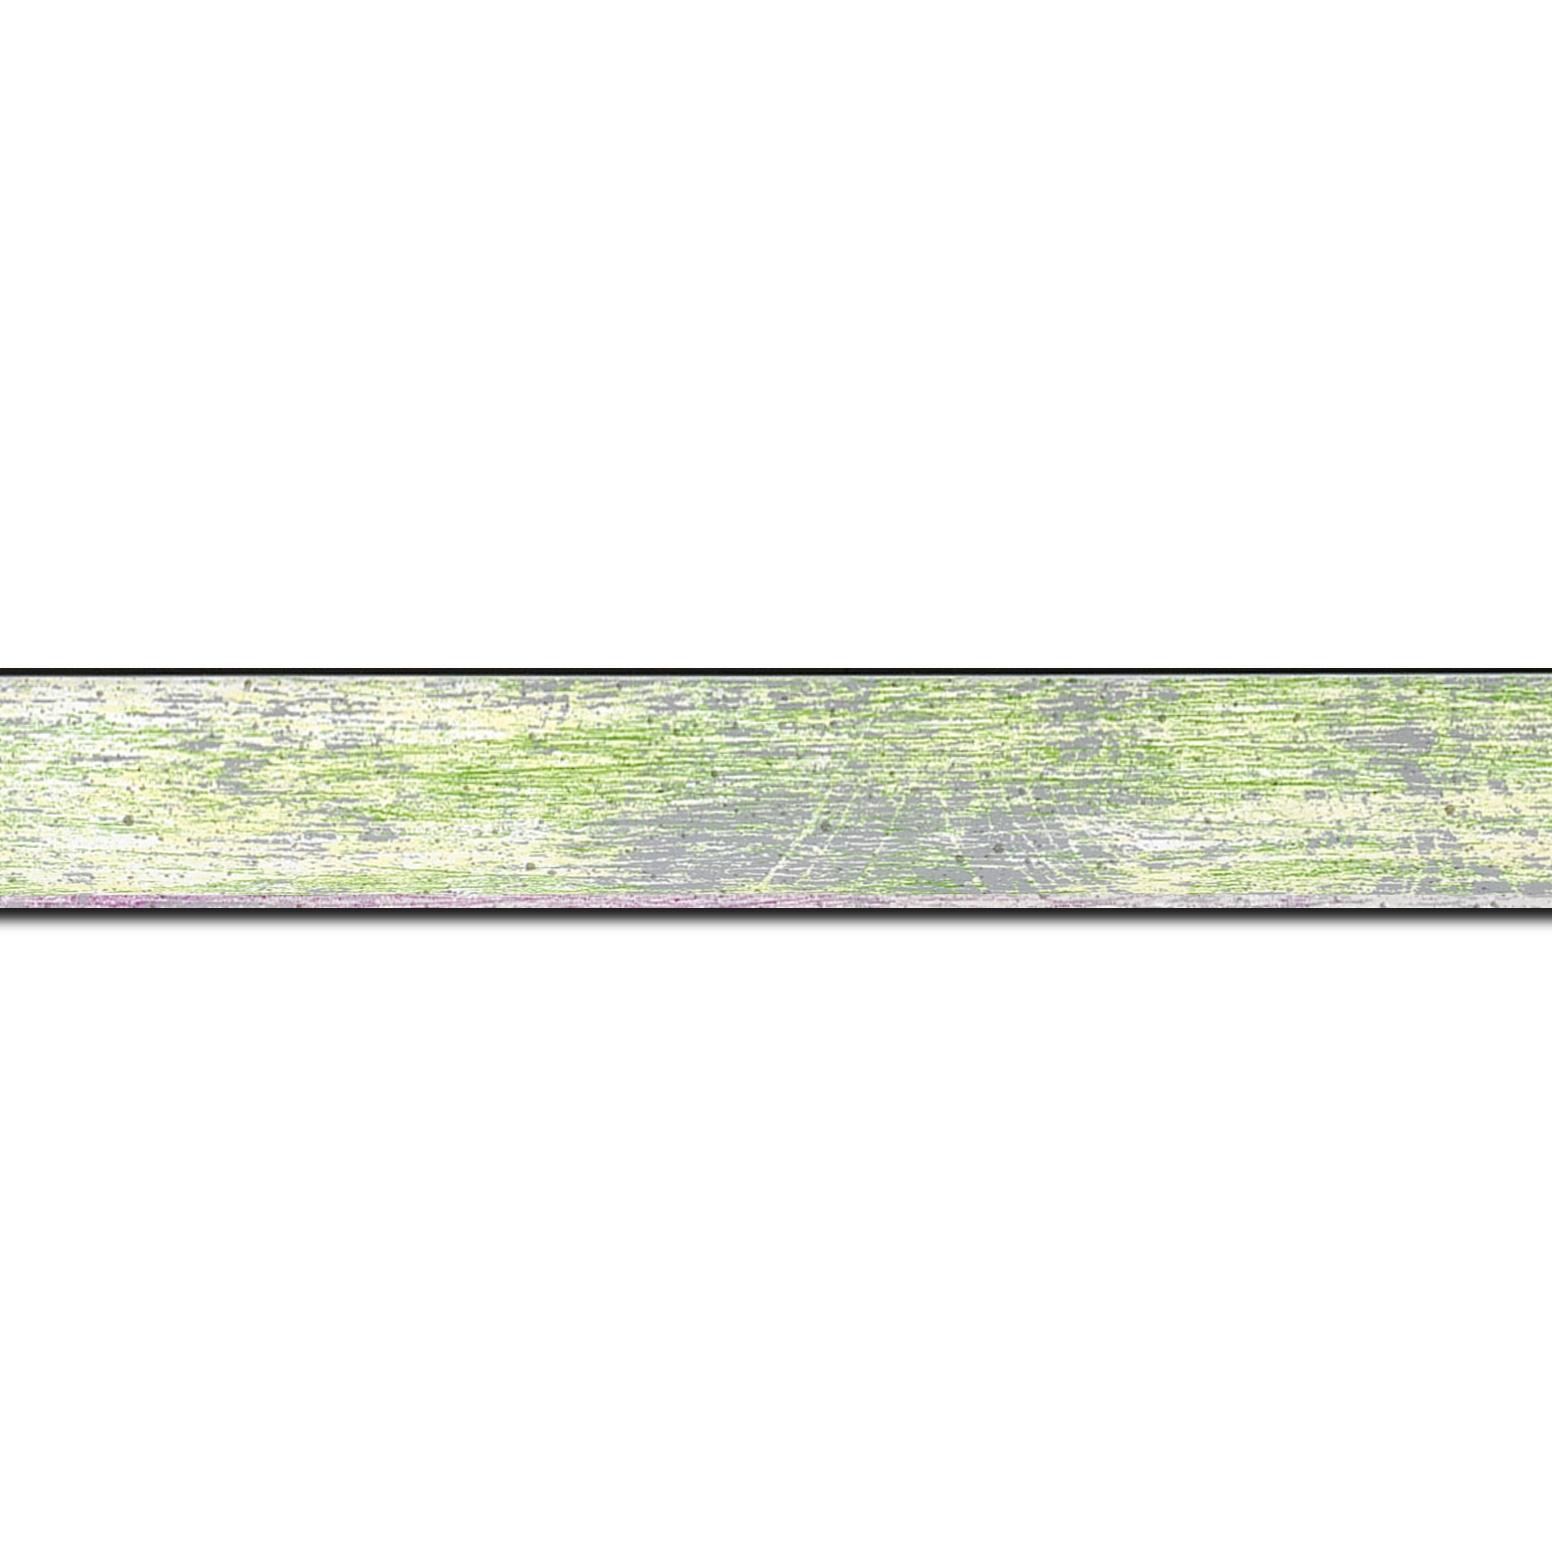 Baguette longueur 1.40m bois profil concave largeur 2.4cm de couleur vert pale fond argent